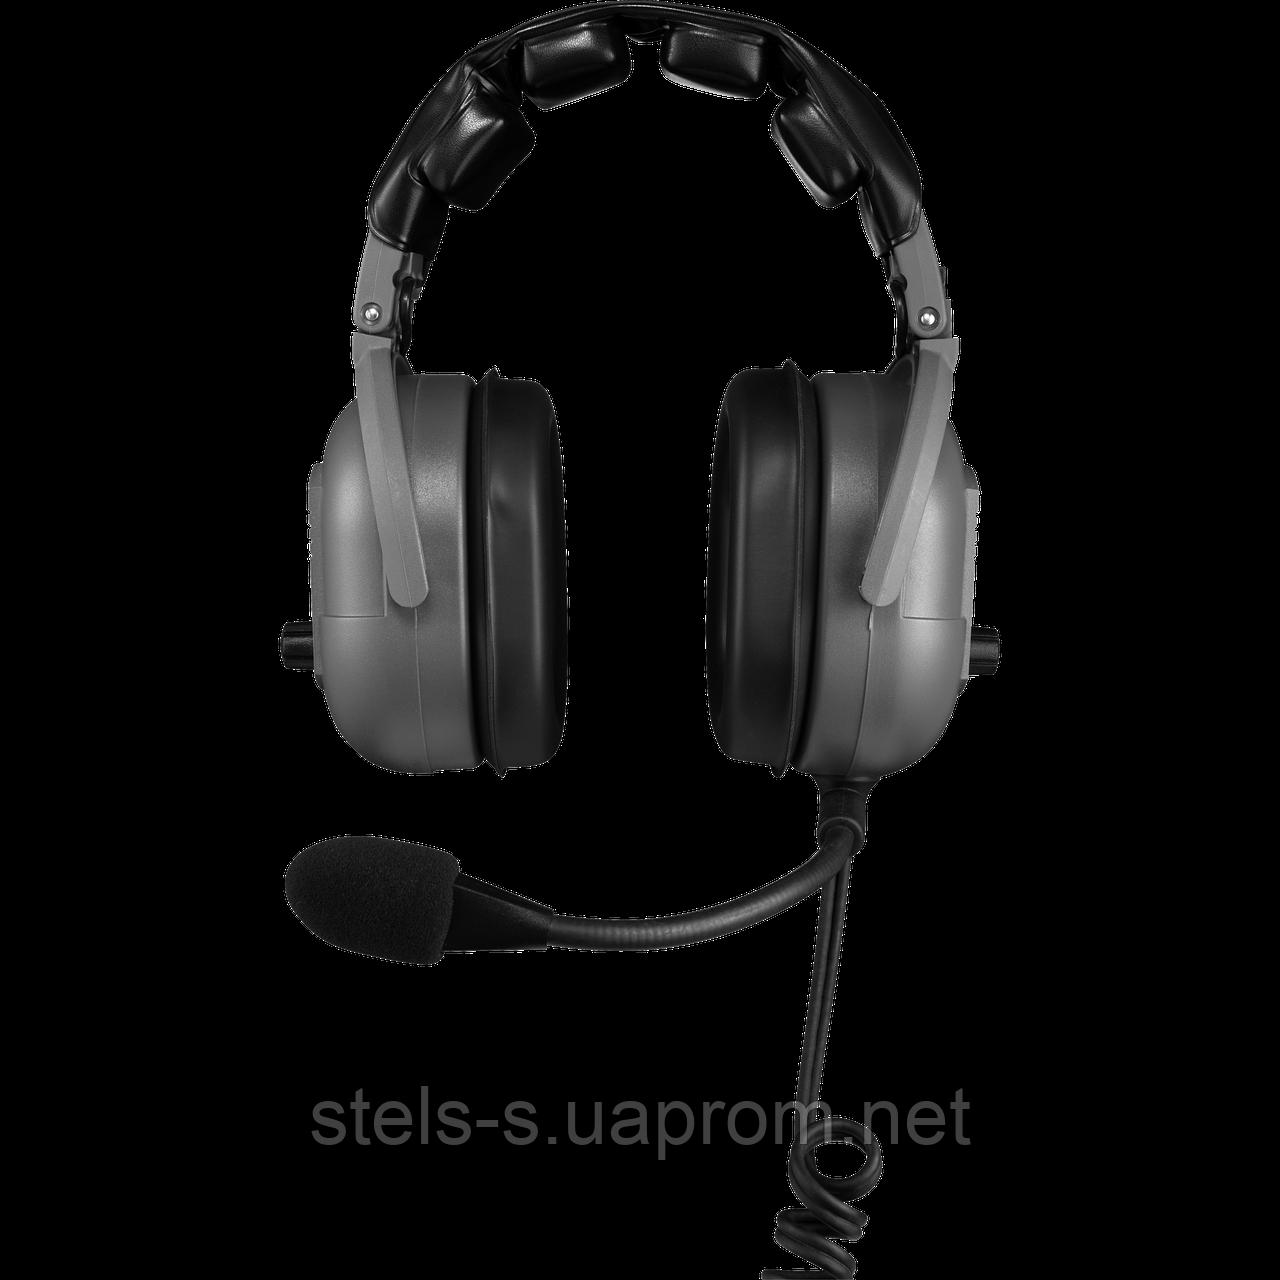 Модель: AIR 3500 про-во TELEX (США) - Стелс-С ЧП в Киеве